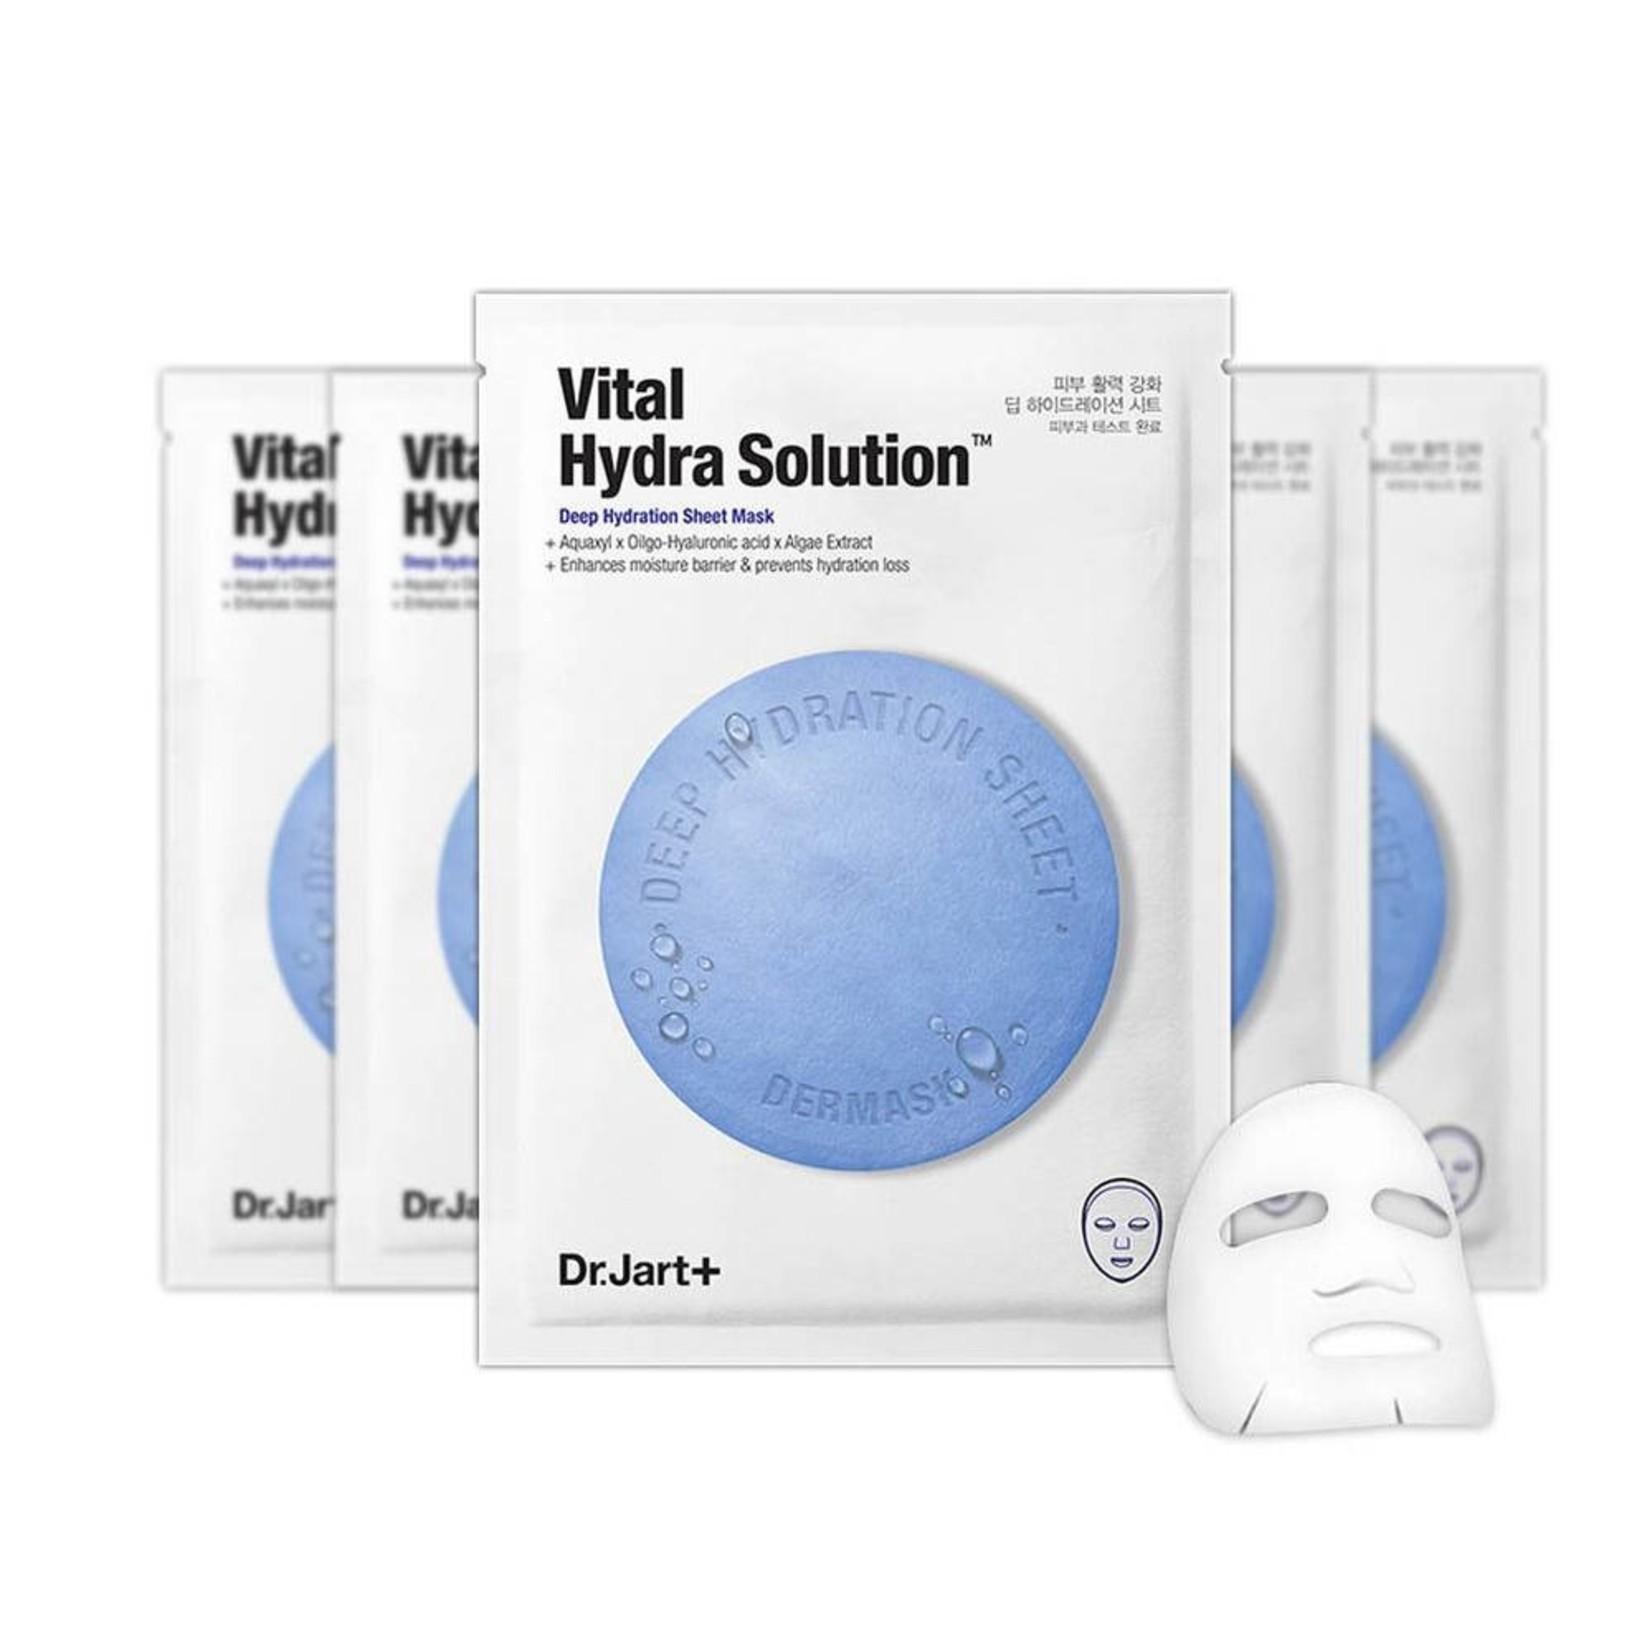 Dr. Jart+ Dermask Vital Hydra Solution Sheet Mask 5 pcs